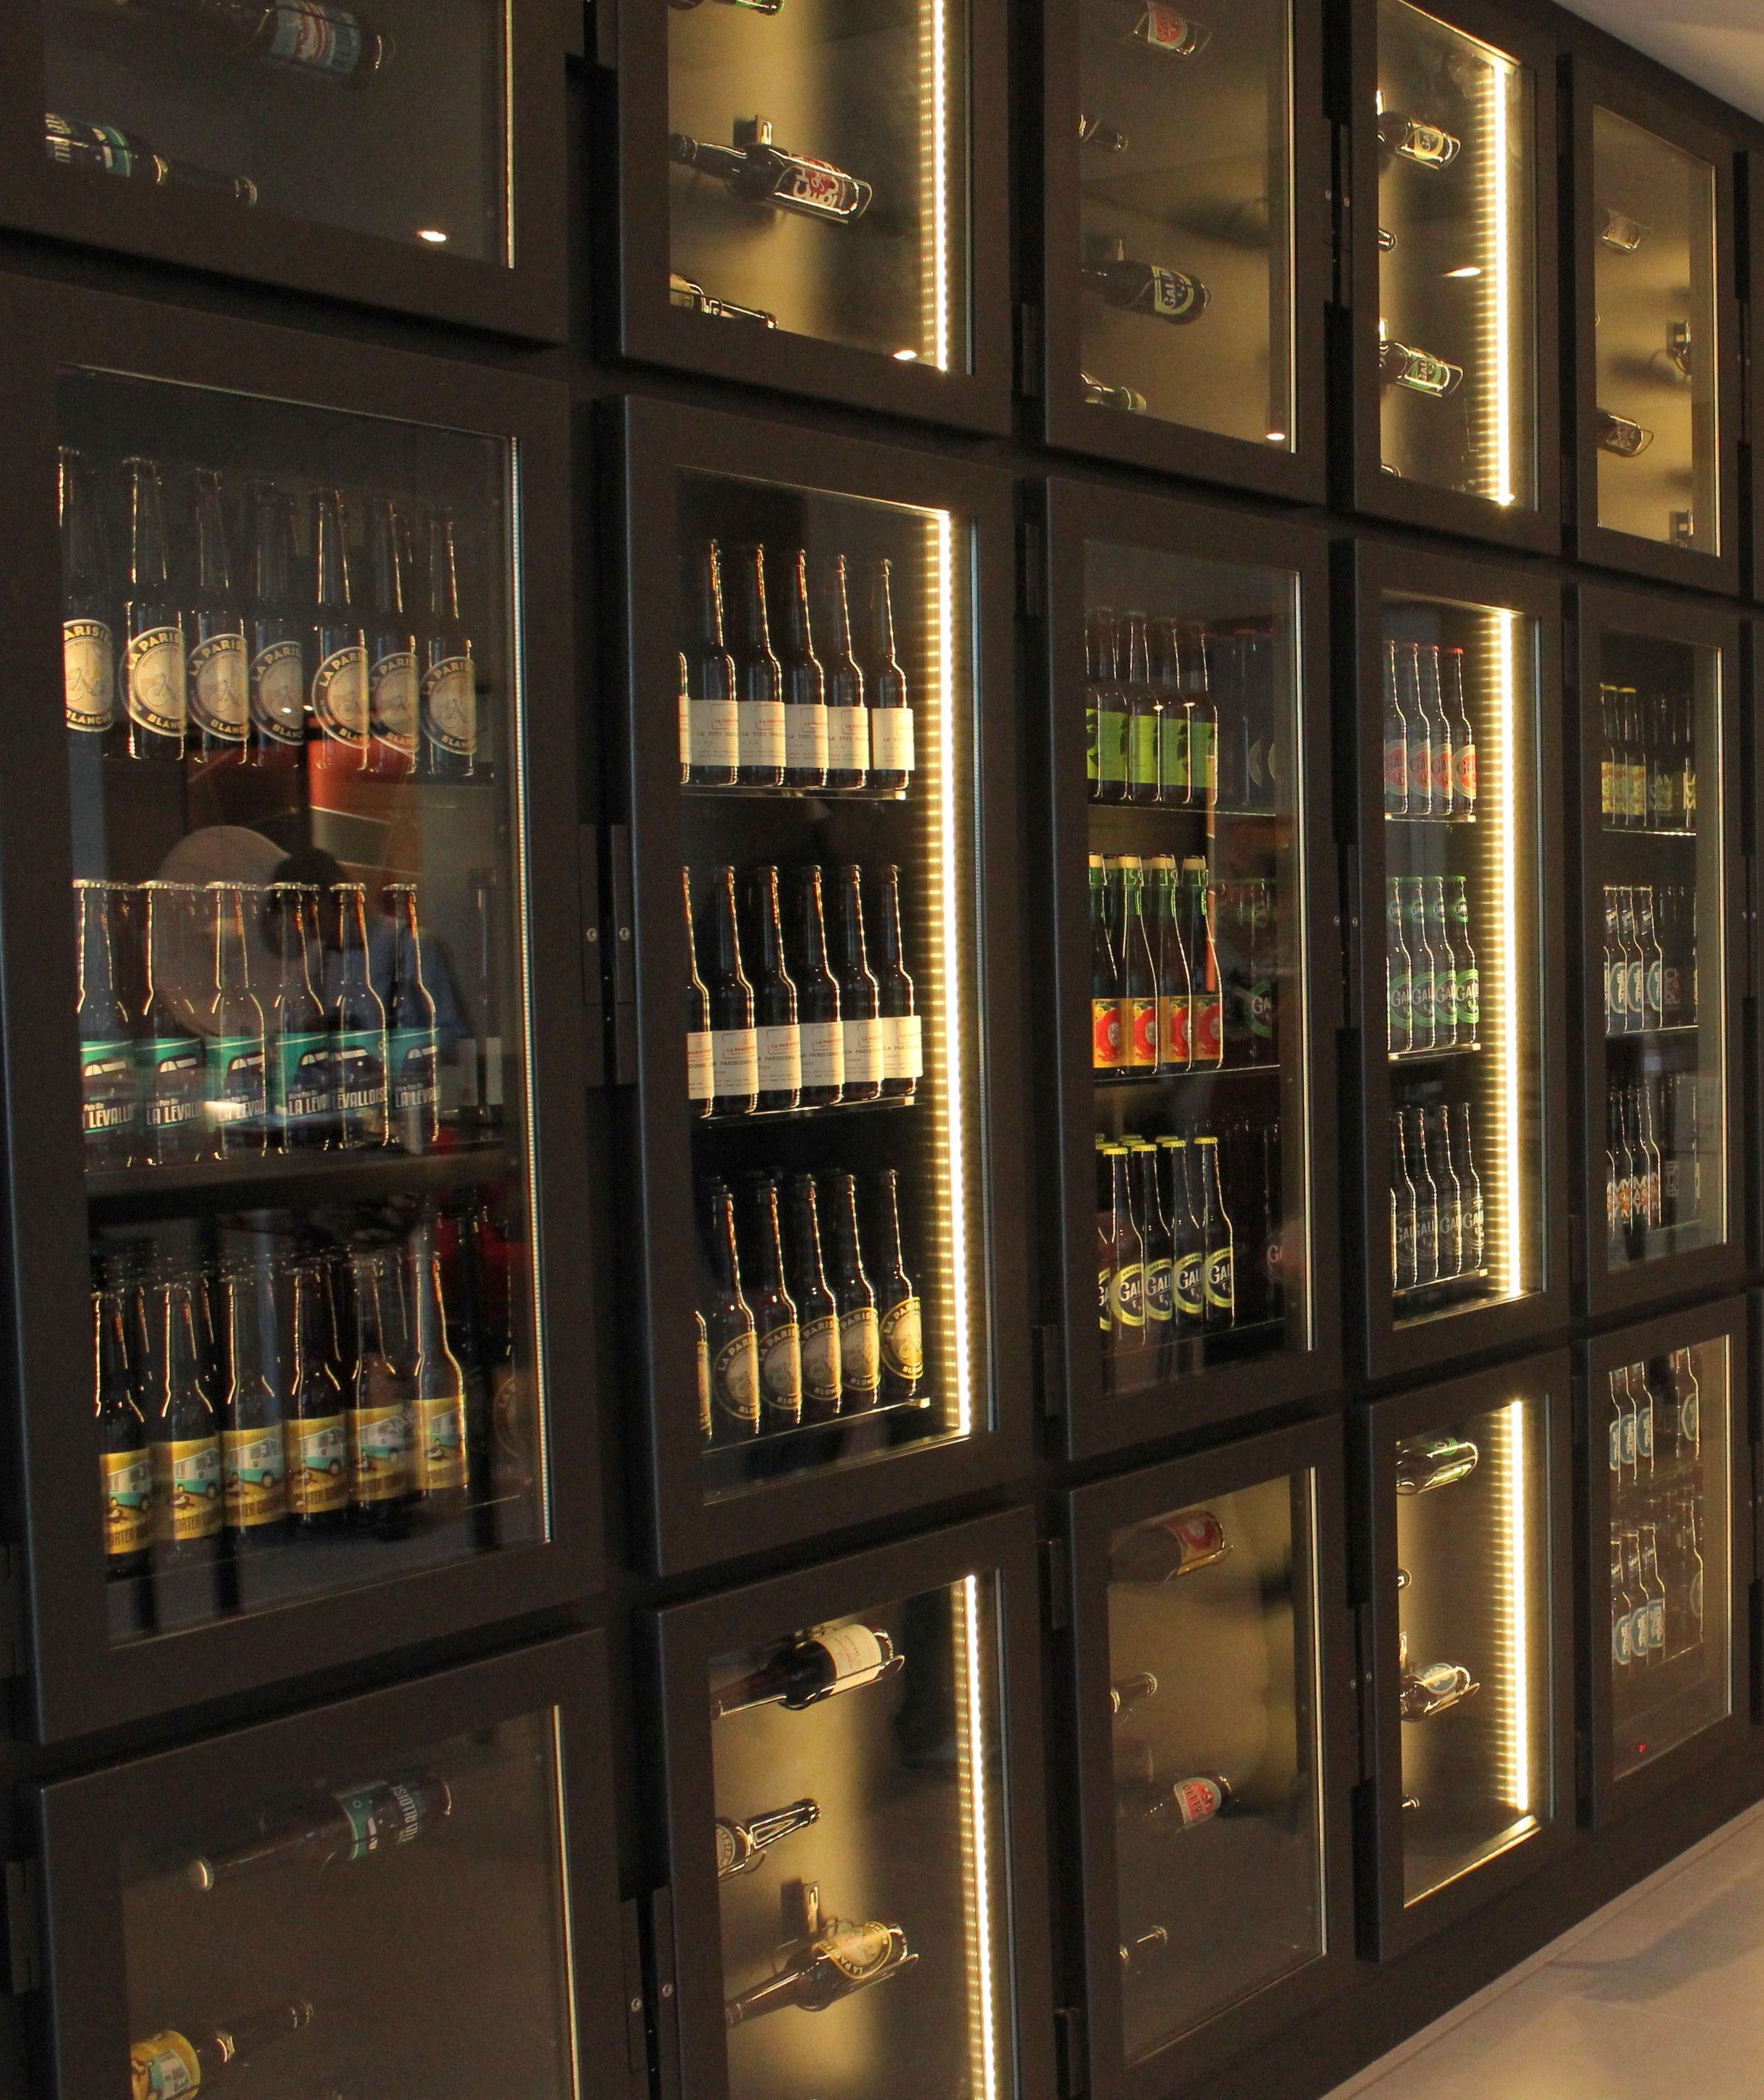 cave a vin de luxe 15 le pullman pullman paris luxe sur paris roissy pour hotel for cave. Black Bedroom Furniture Sets. Home Design Ideas